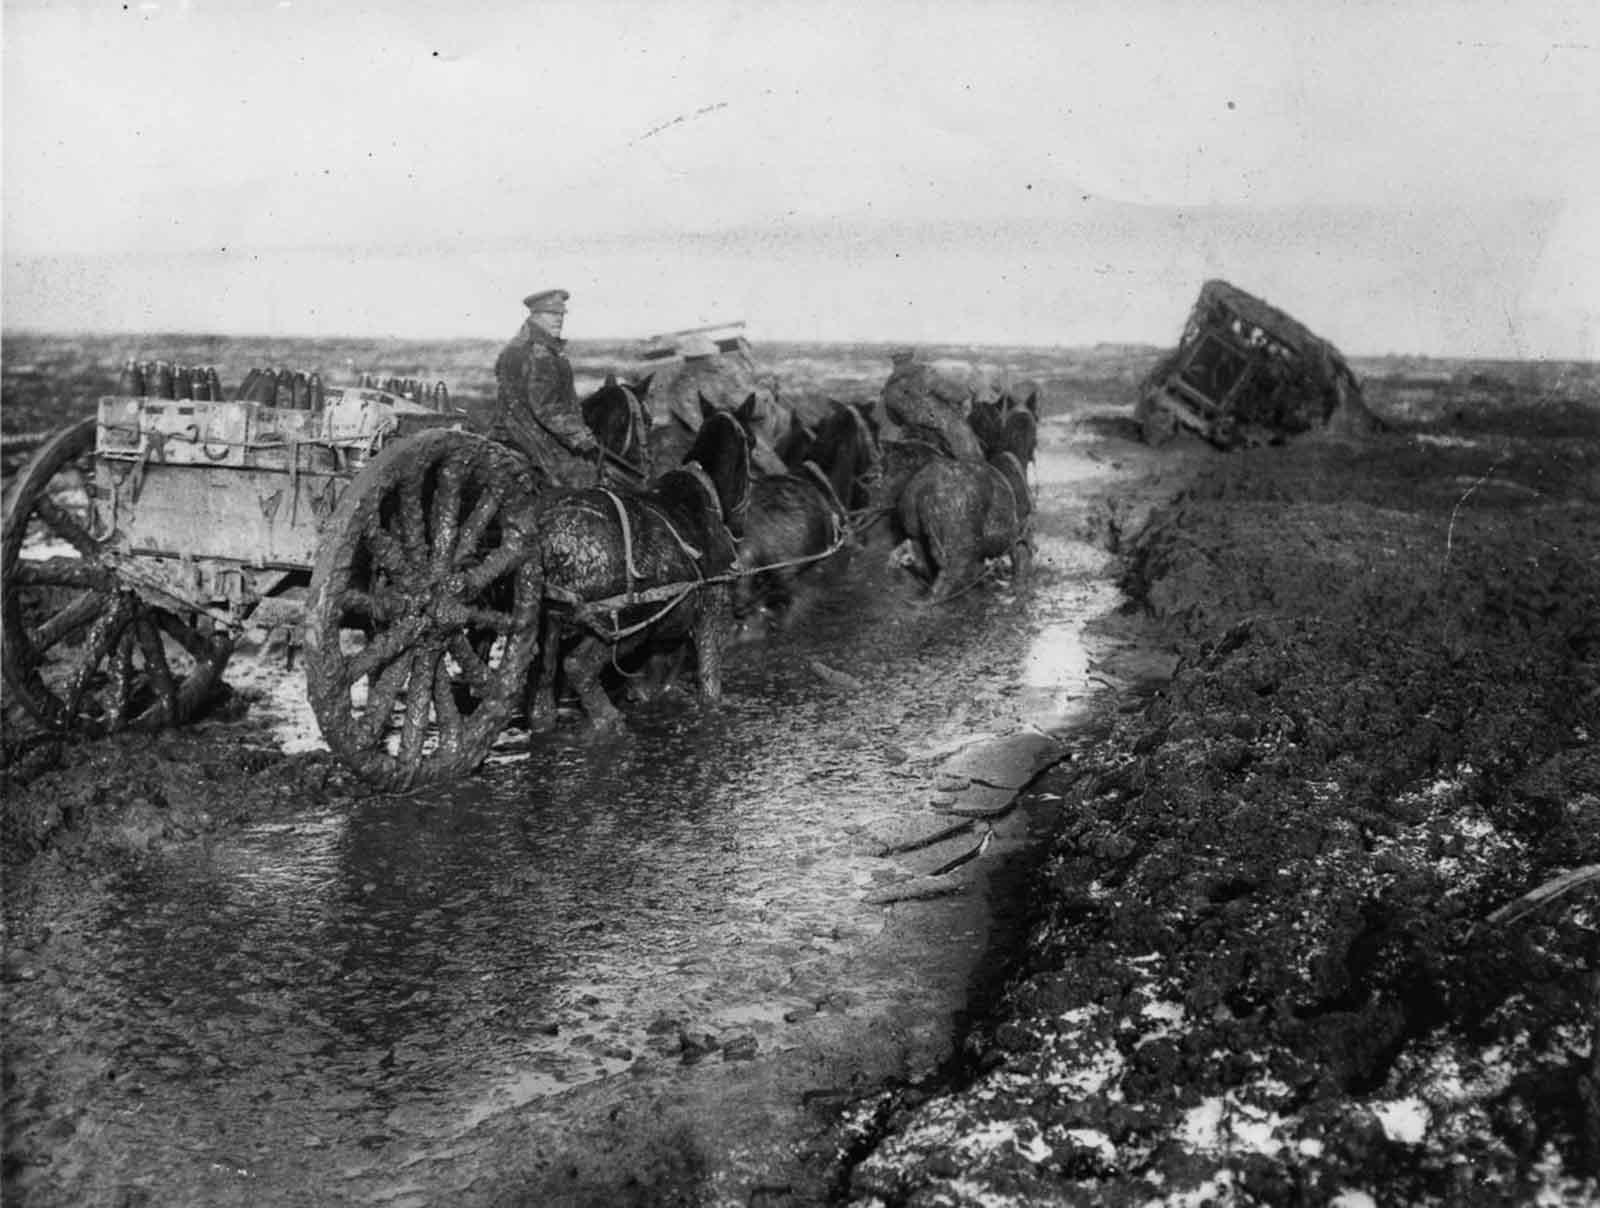 Los caballos transportan municiones hacia adelante en lodo profundo a lo largo de Lesboeufs Road a las afueras de Flers. Noviembre de 1916.